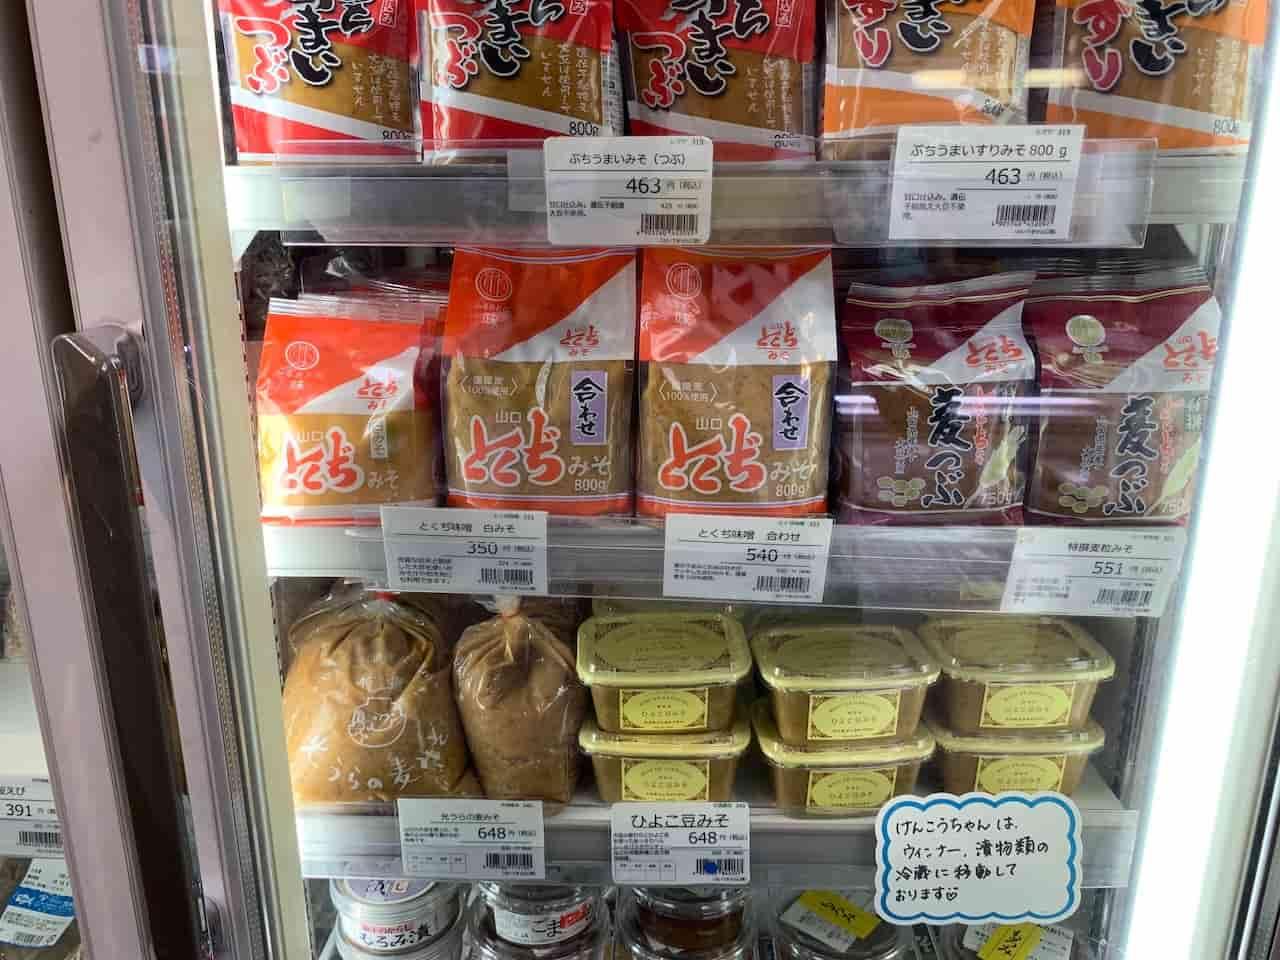 山口県産の味噌コーナー